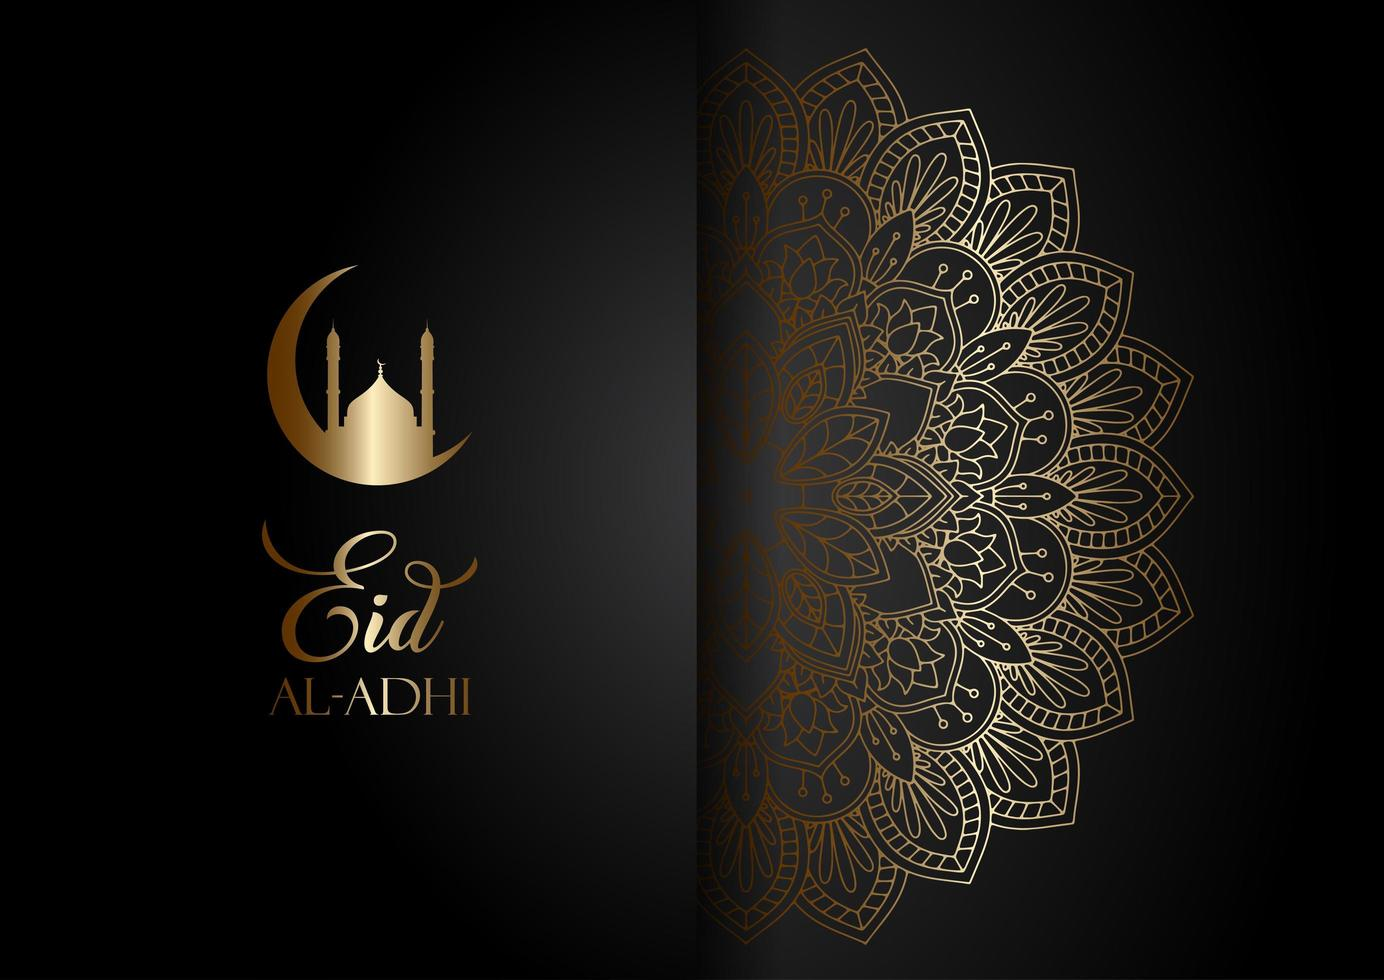 elegant background for eid al adha download free vectors clipart graphics vector art elegant background for eid al adha